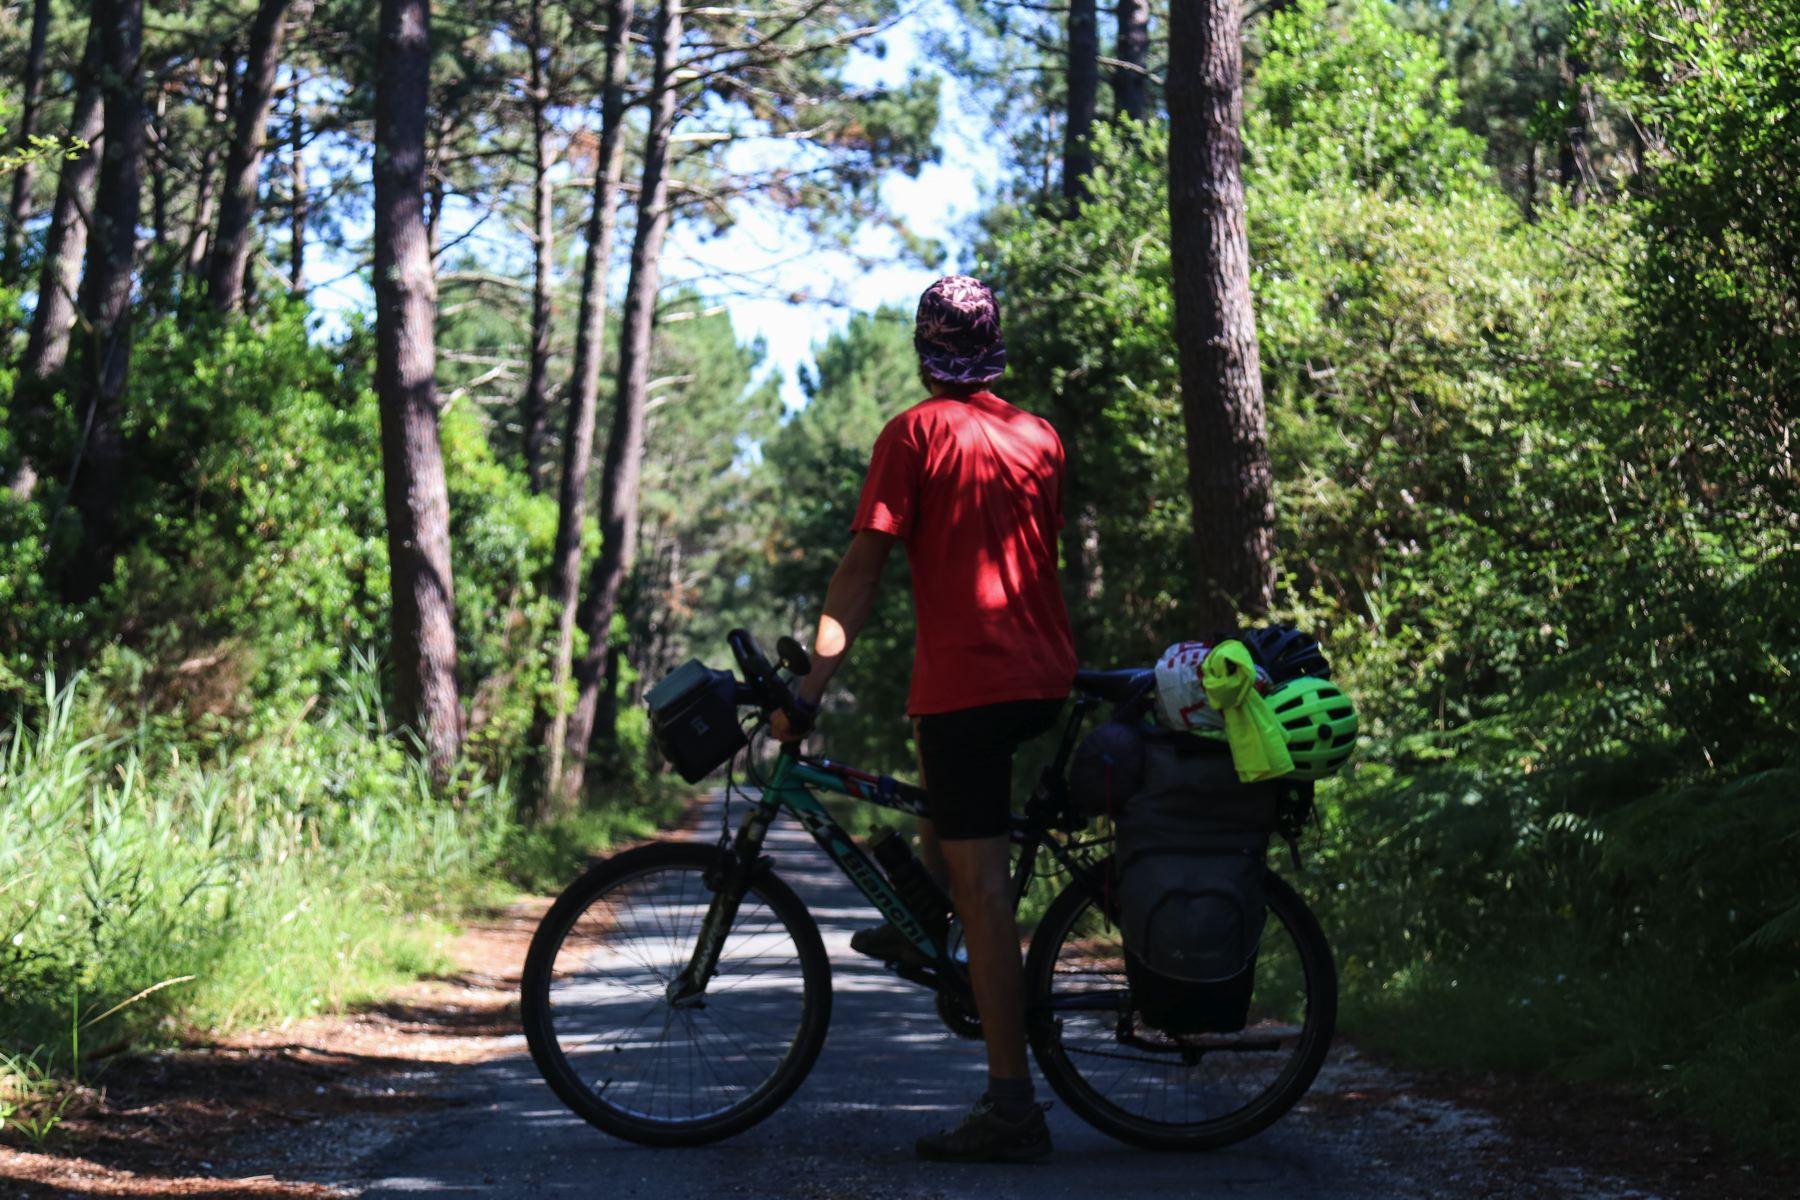 La Gironde à vélo sur la Vélodyssée : surf, sable, Cap Ferret et forêts !